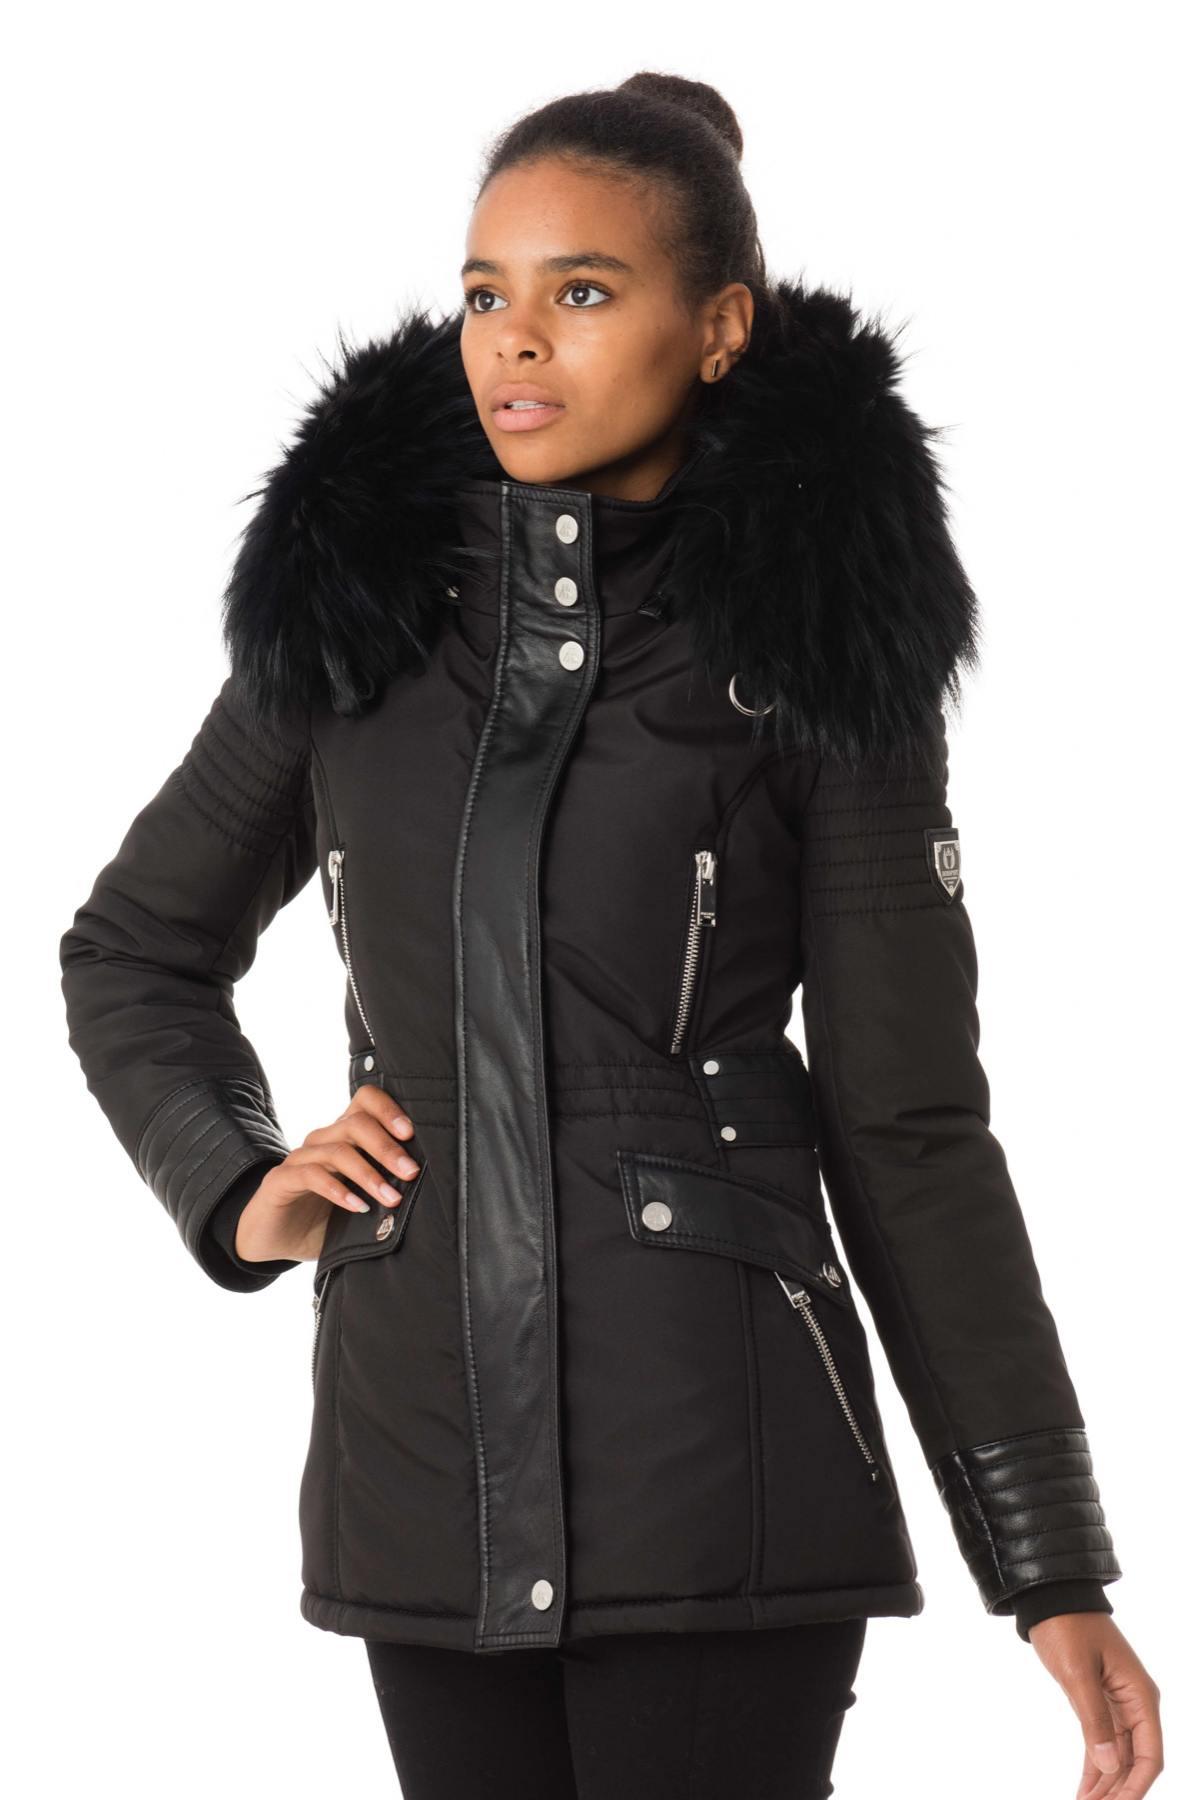 plus récent 3ae5e 6464f Veste Femme horspist NEW MANDALA NOIR COL NOIR - Cuir-city.com –  spécialiste du cuir